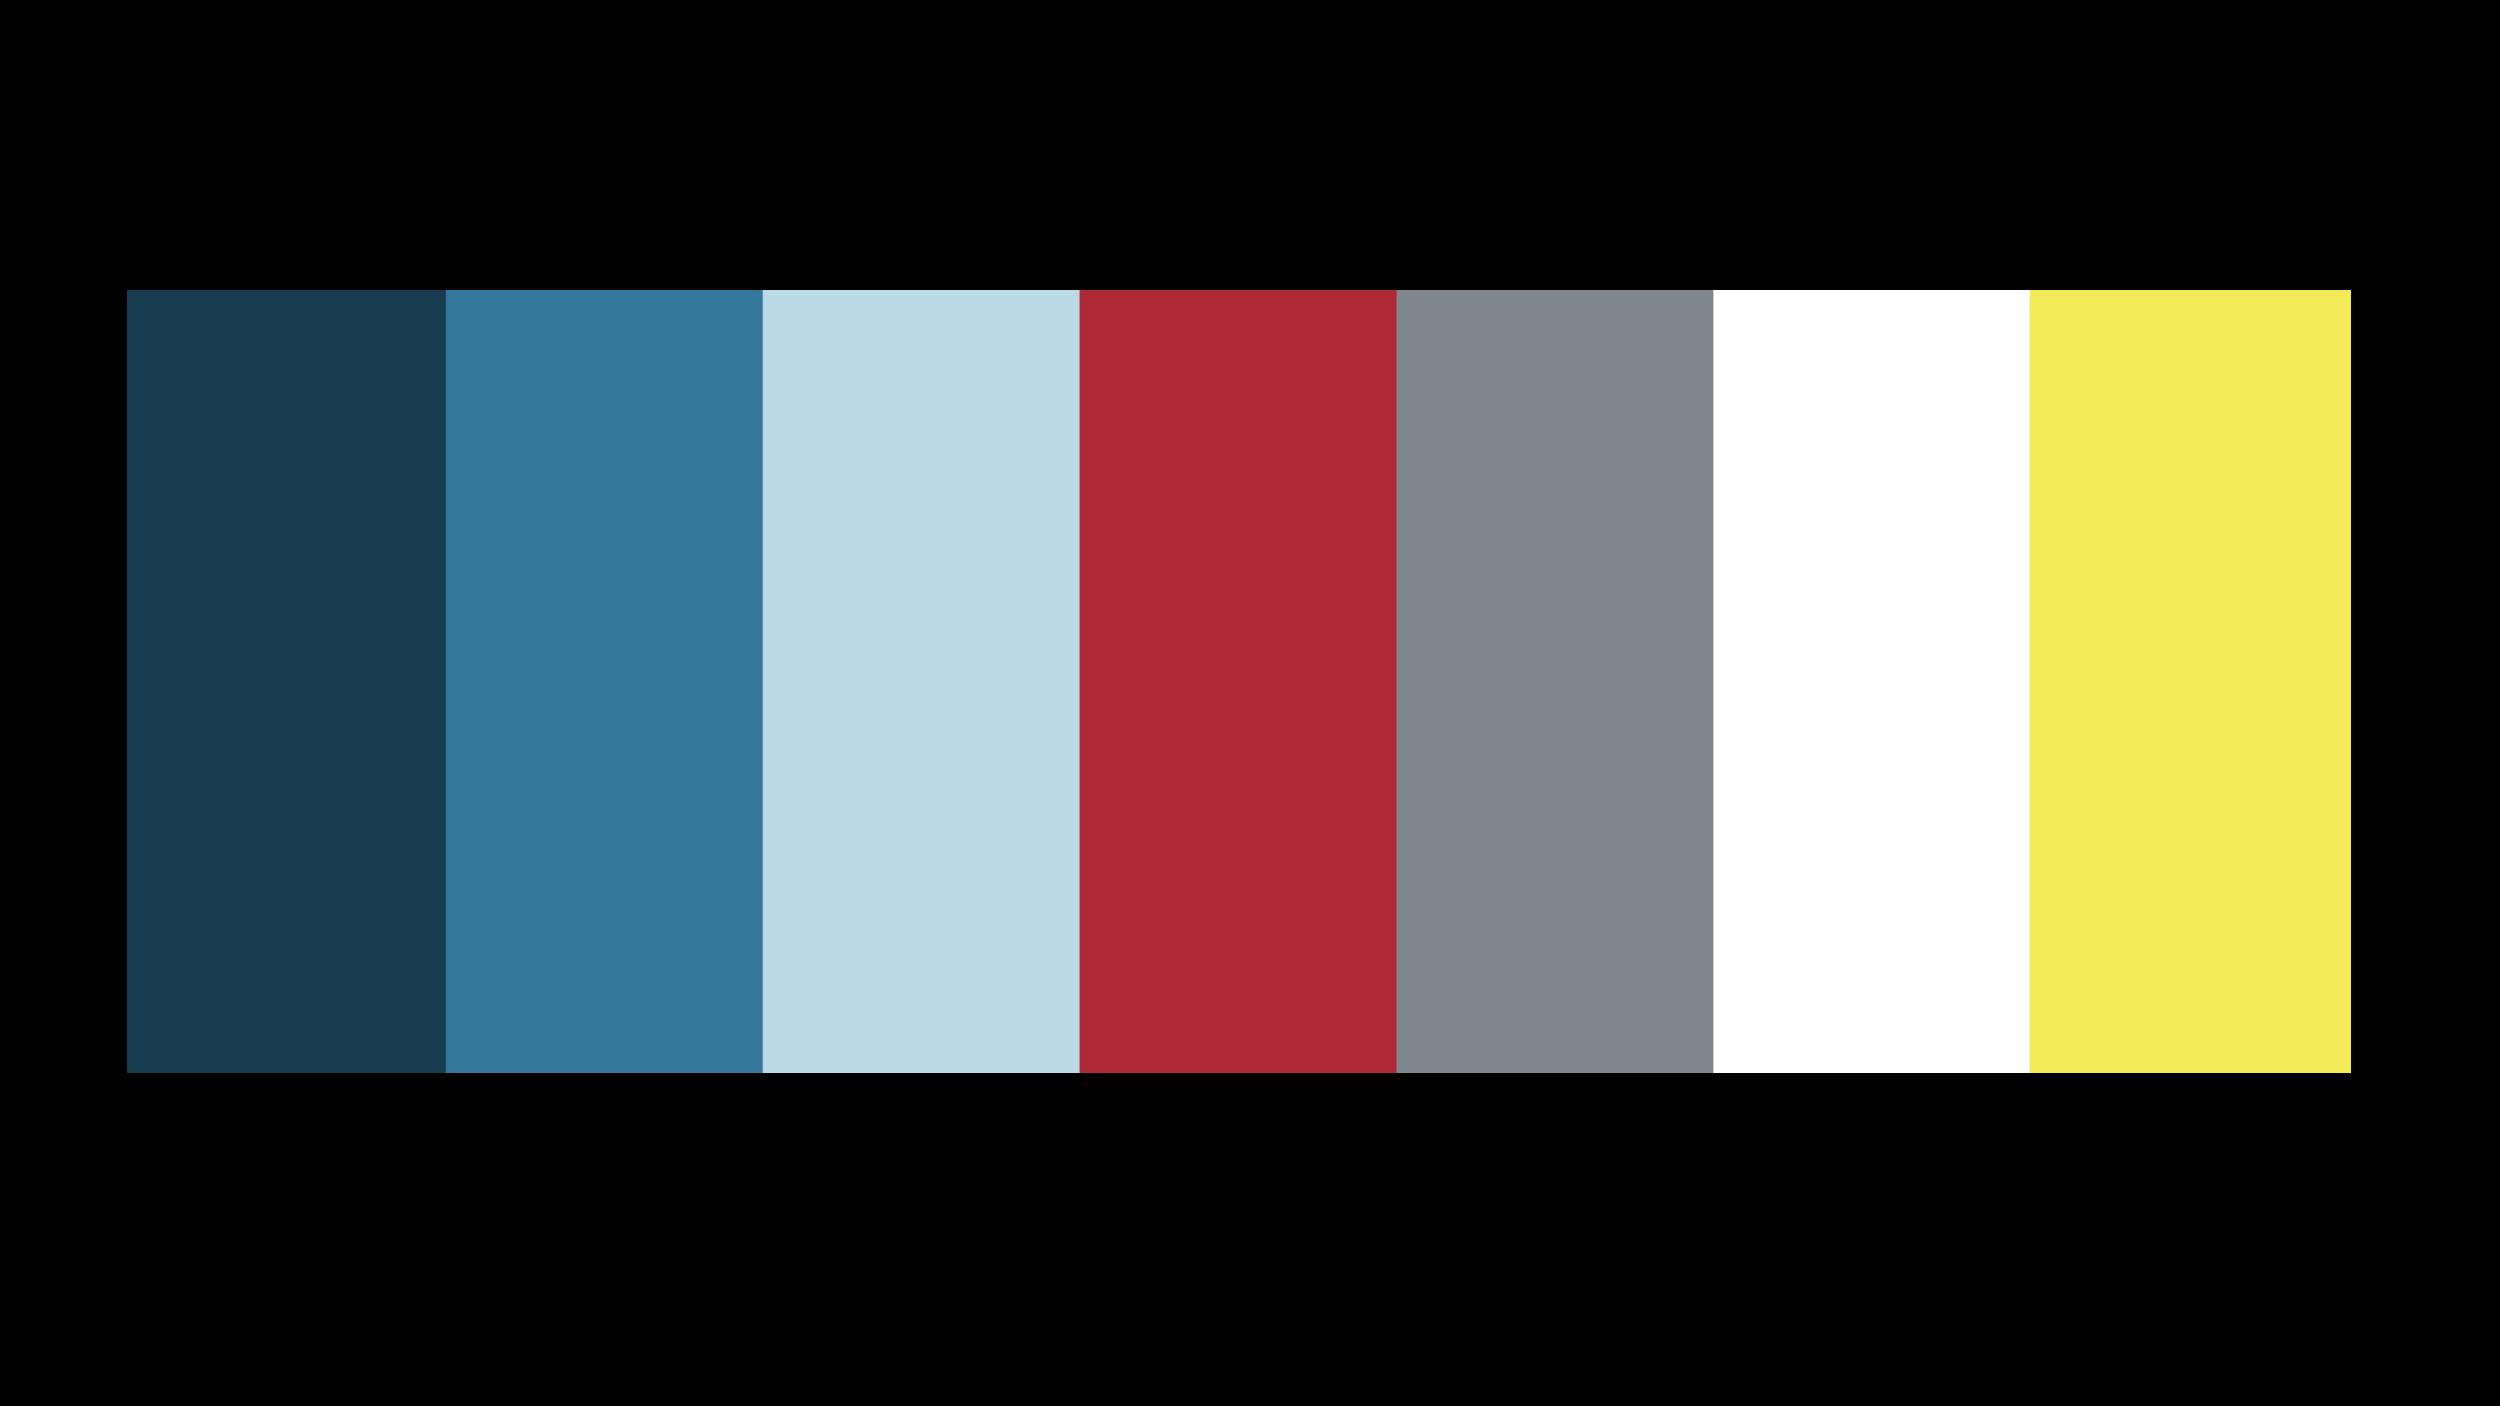 JAWS Color Palette